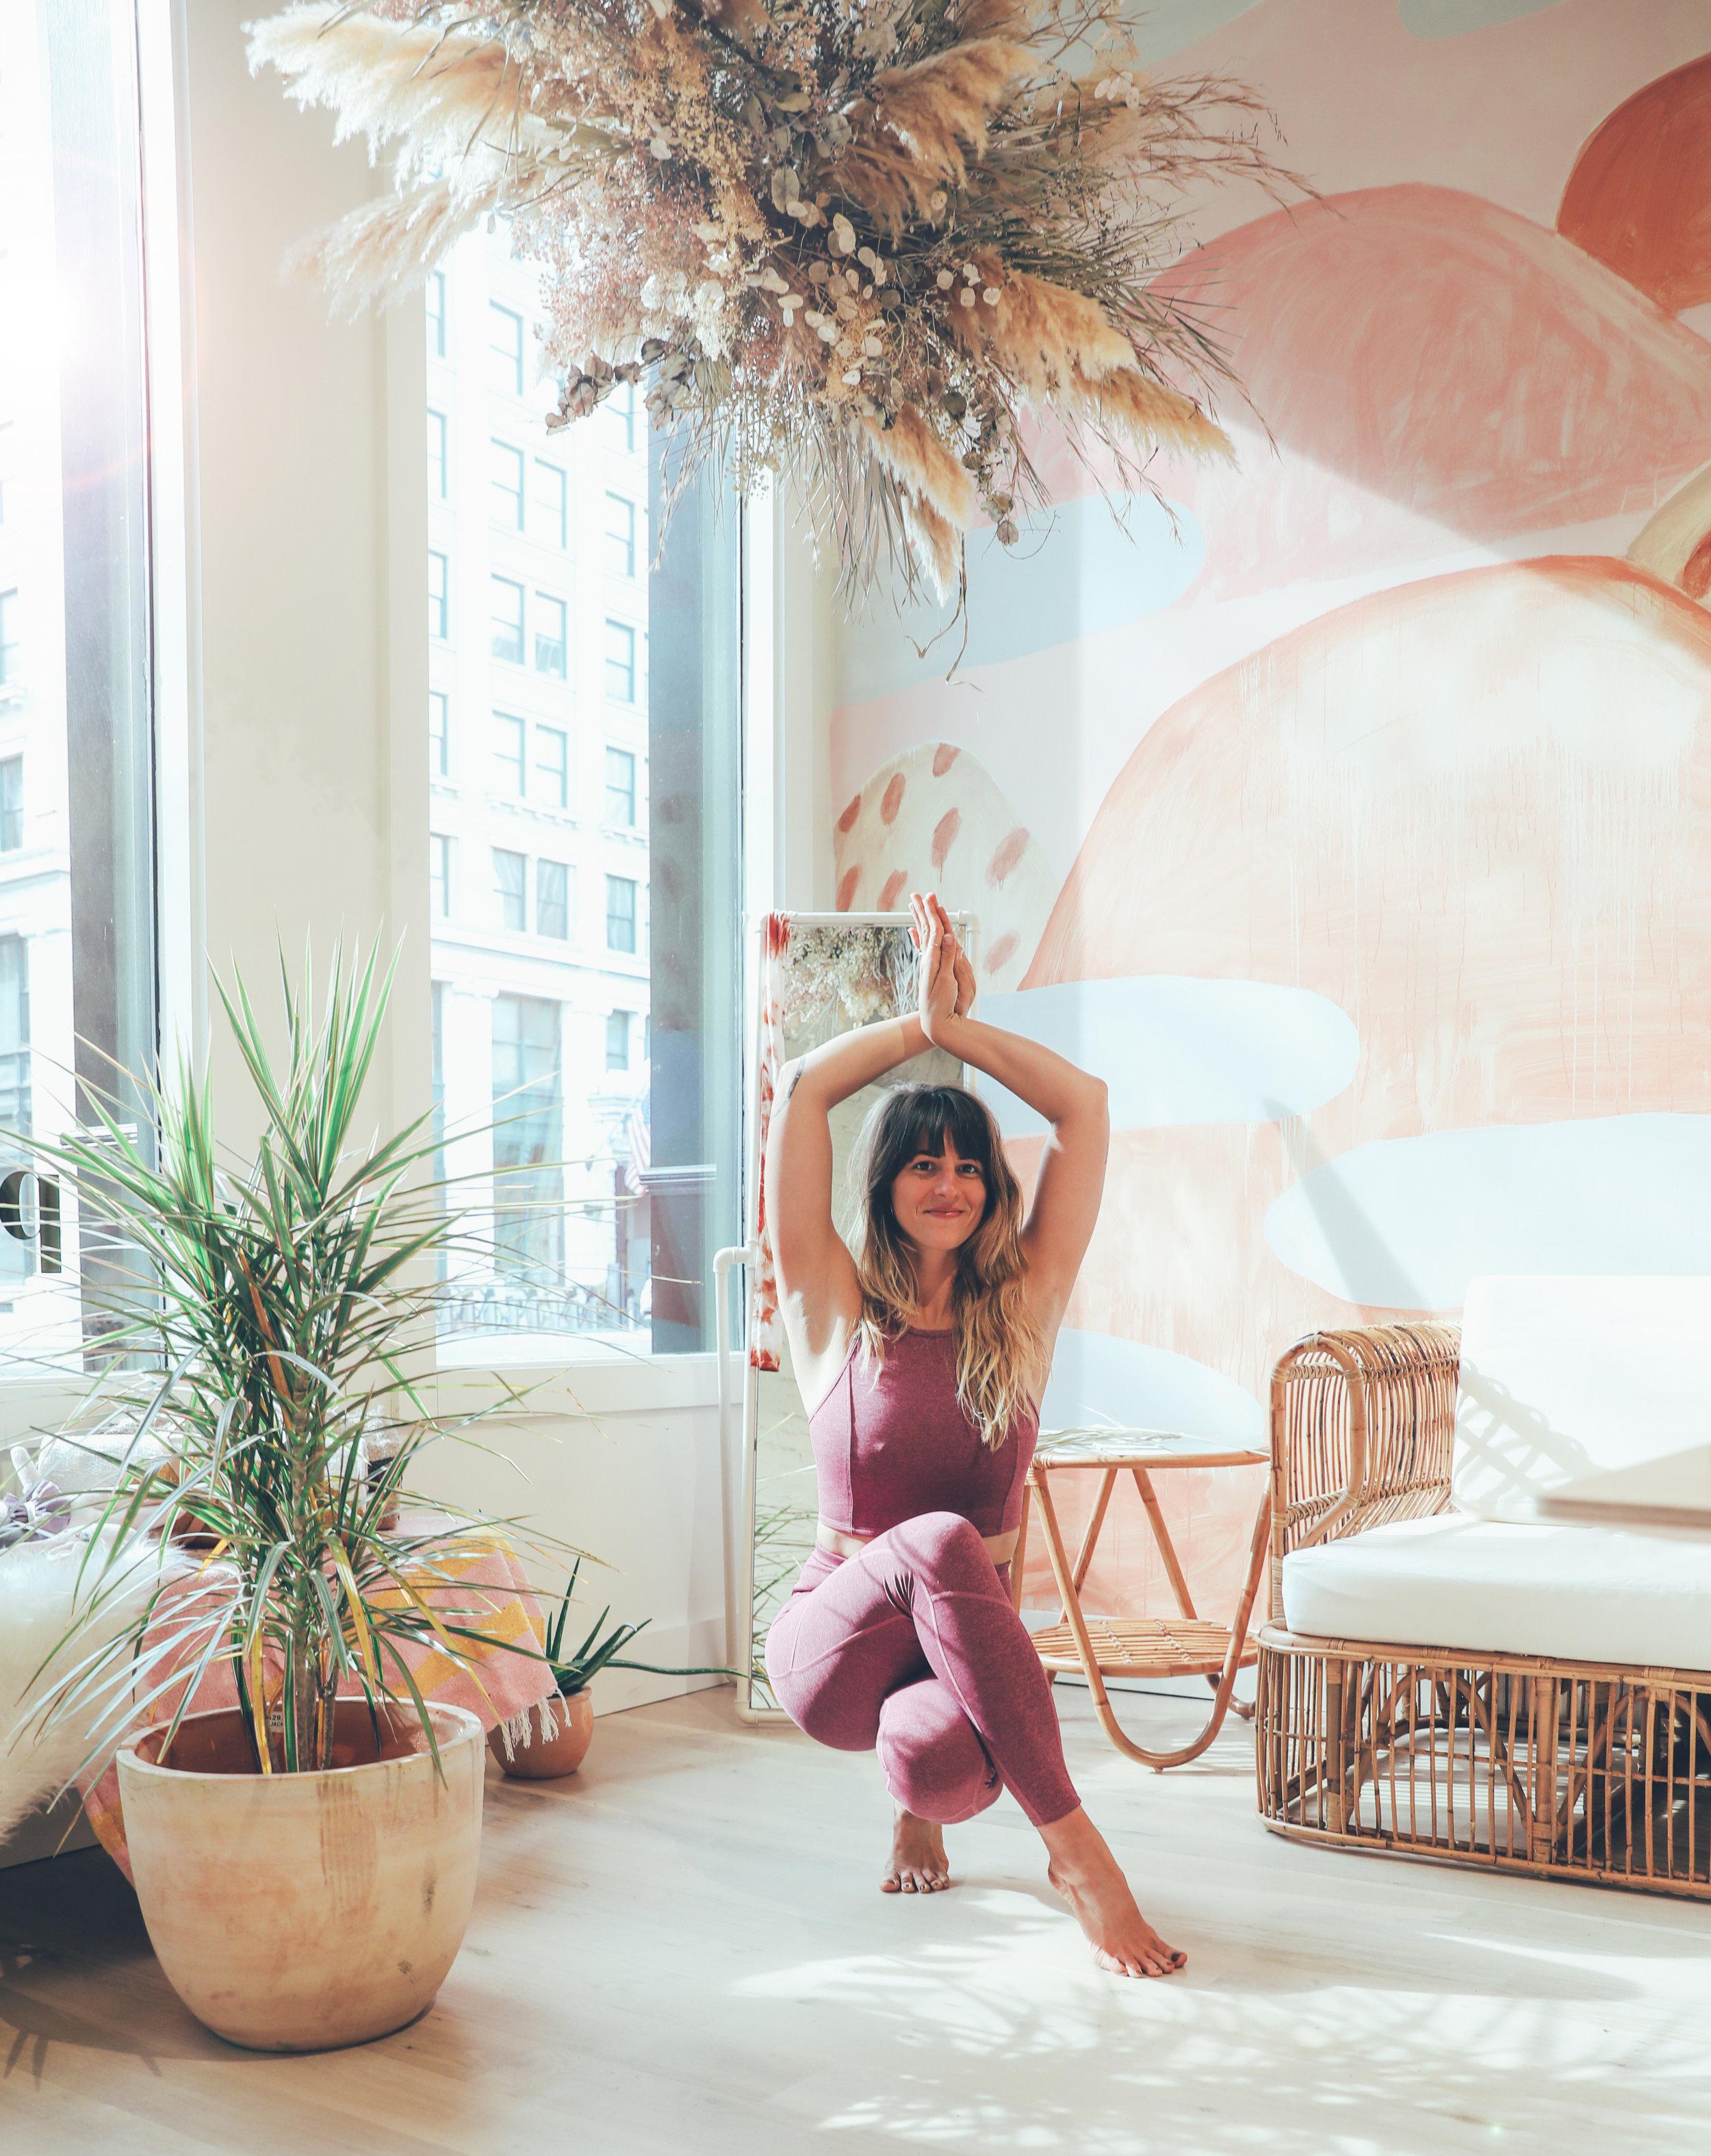 Margie_yoga_POMKT_002.jpg